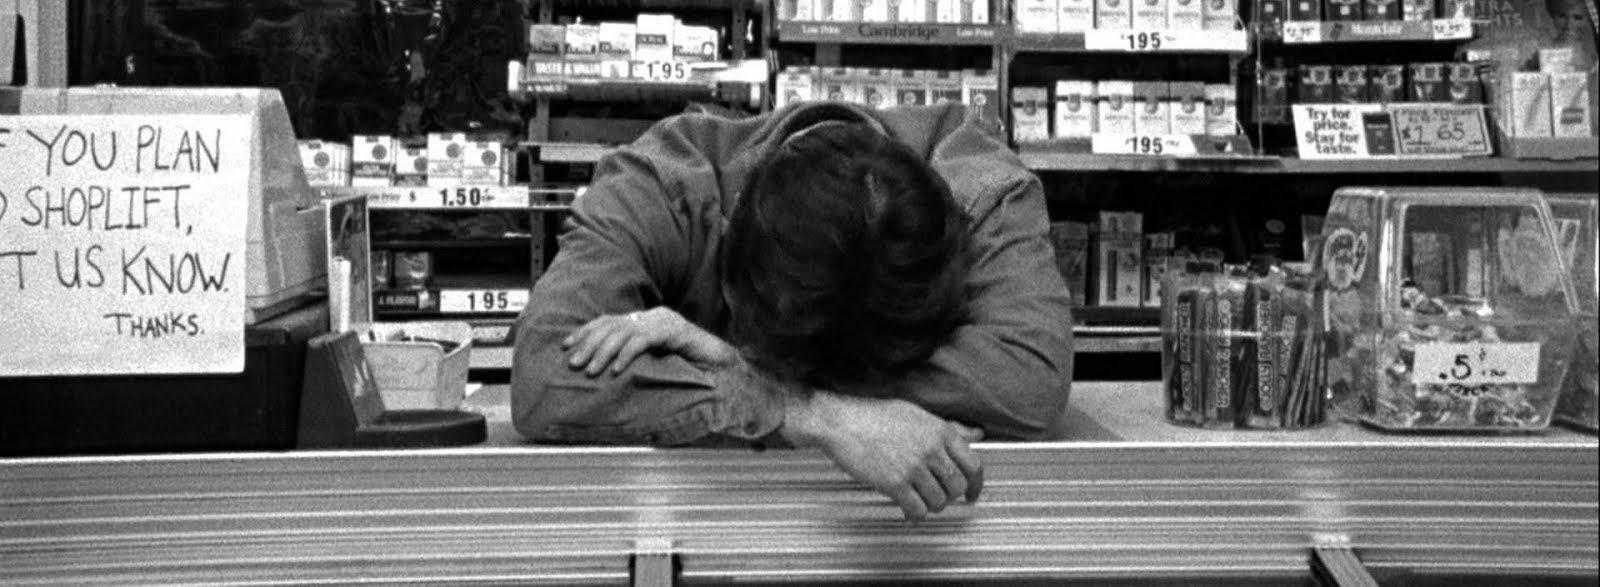 Un sufrido dependiente de una tienda de videojuegos